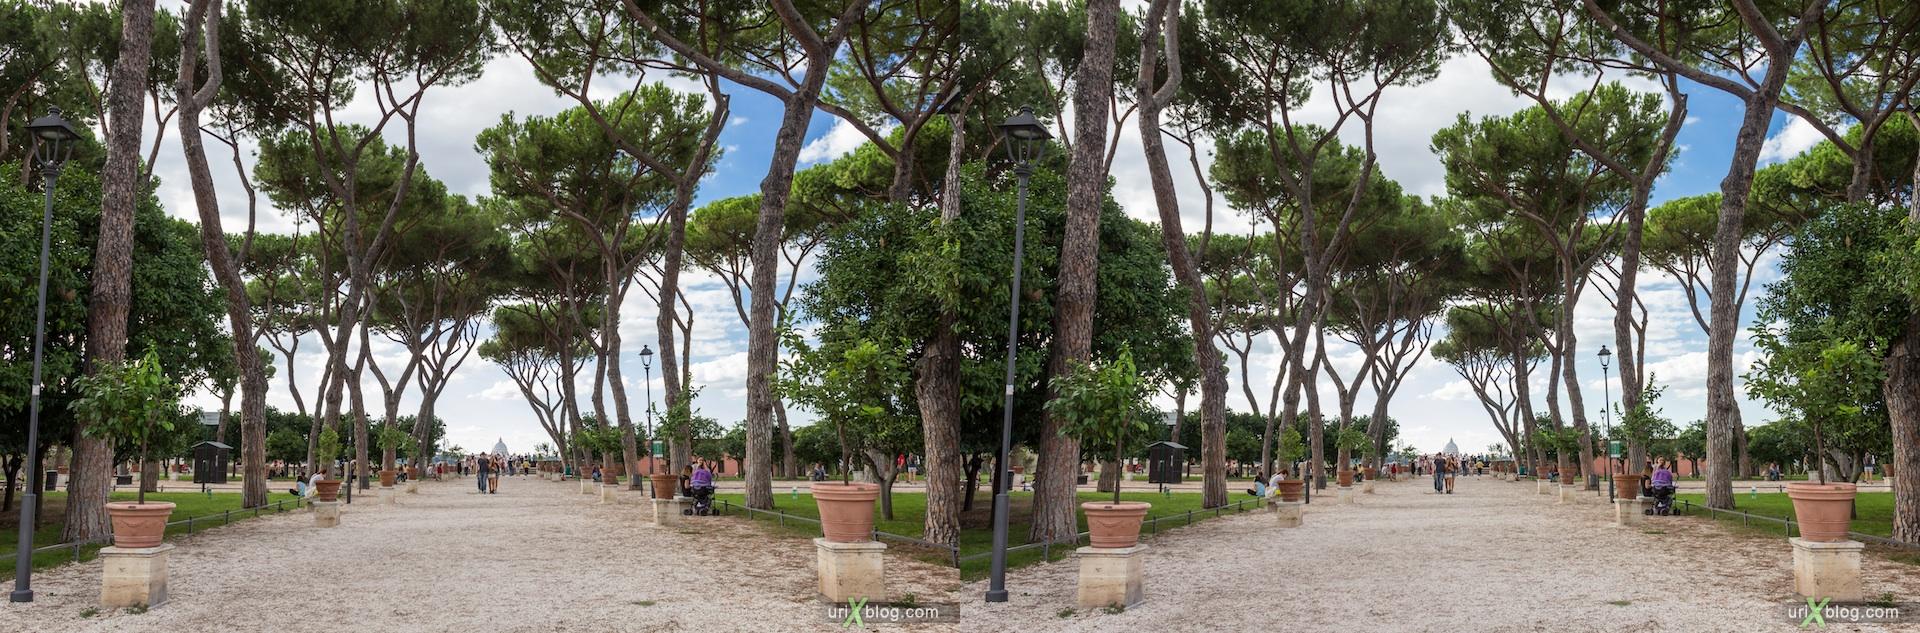 2012, апельсиновый сад, парк Савелло, церковь Санта Сабина, смотровая площадка, Рим, Италия, осень, 3D, перекрёстные стереопары, стерео, стереопара, стереопары